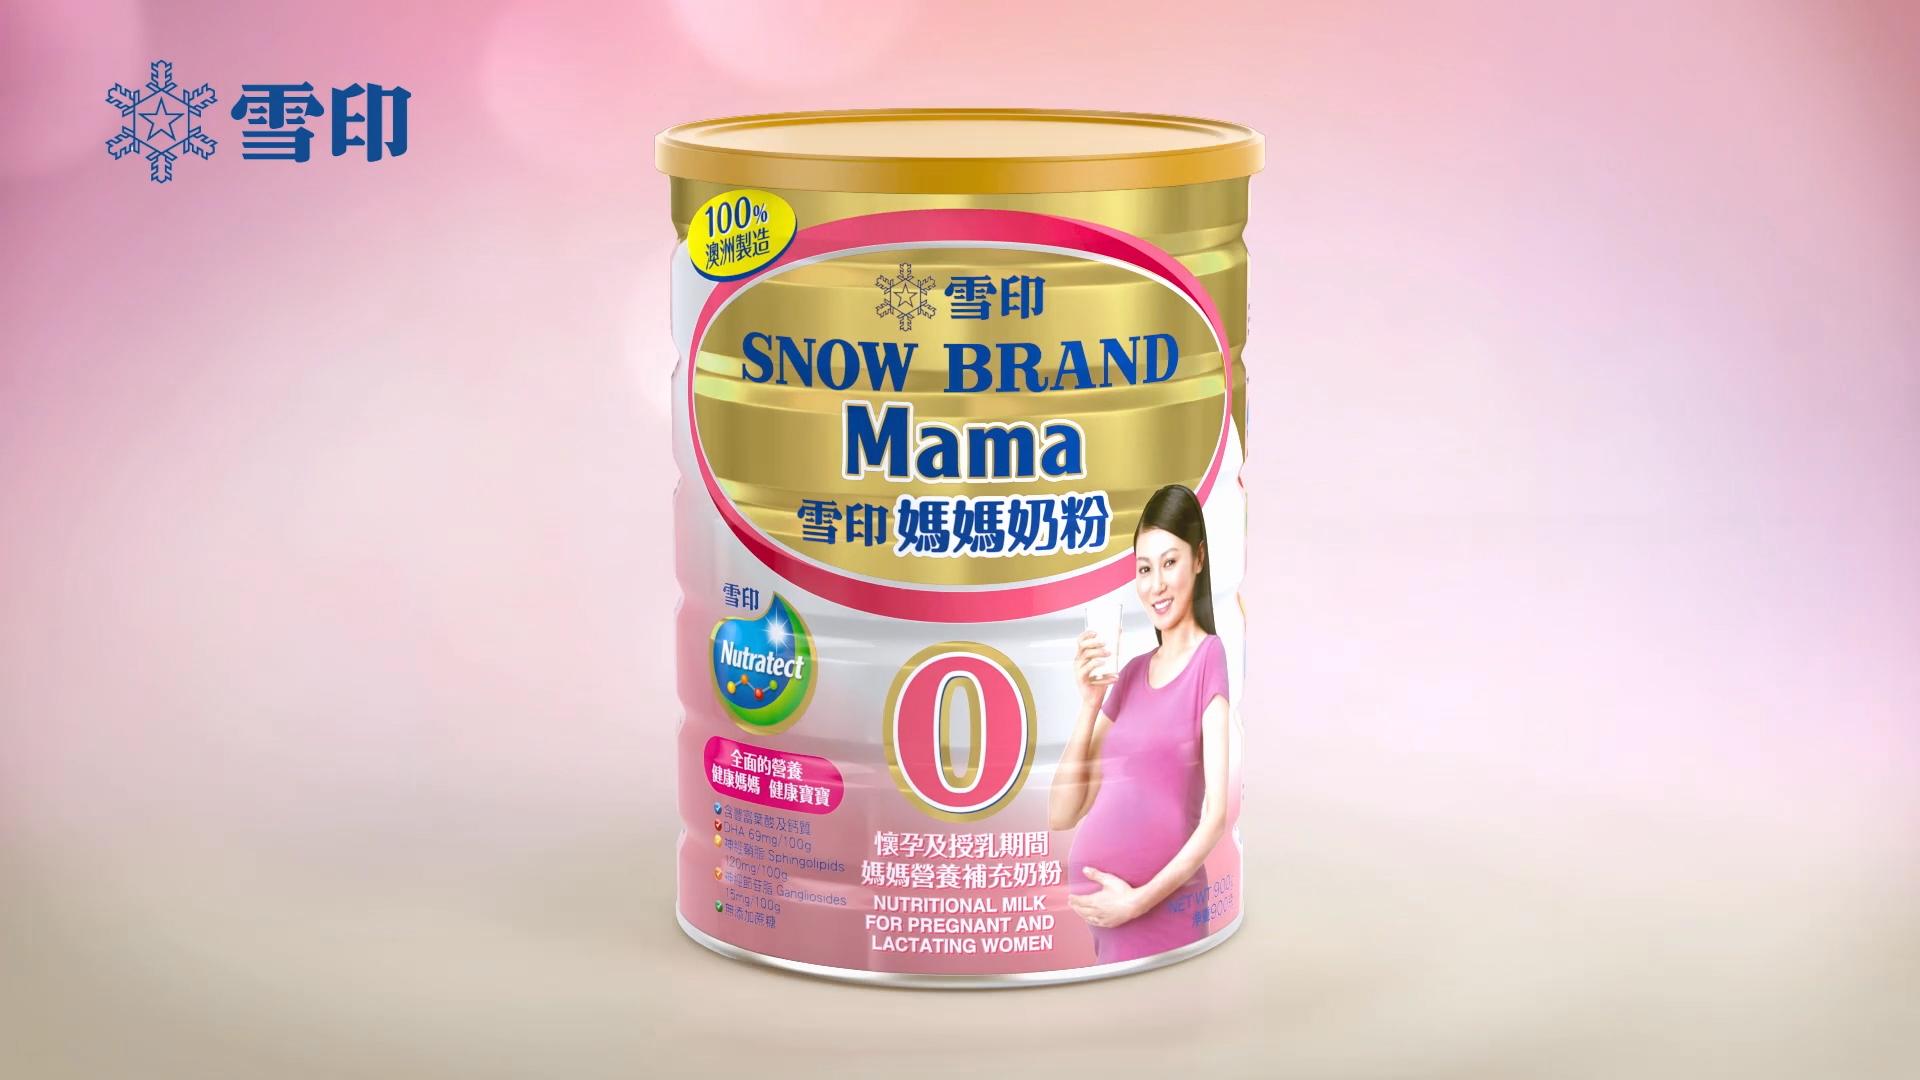 SnowBrand - MaMa_Milk 15sec TVC